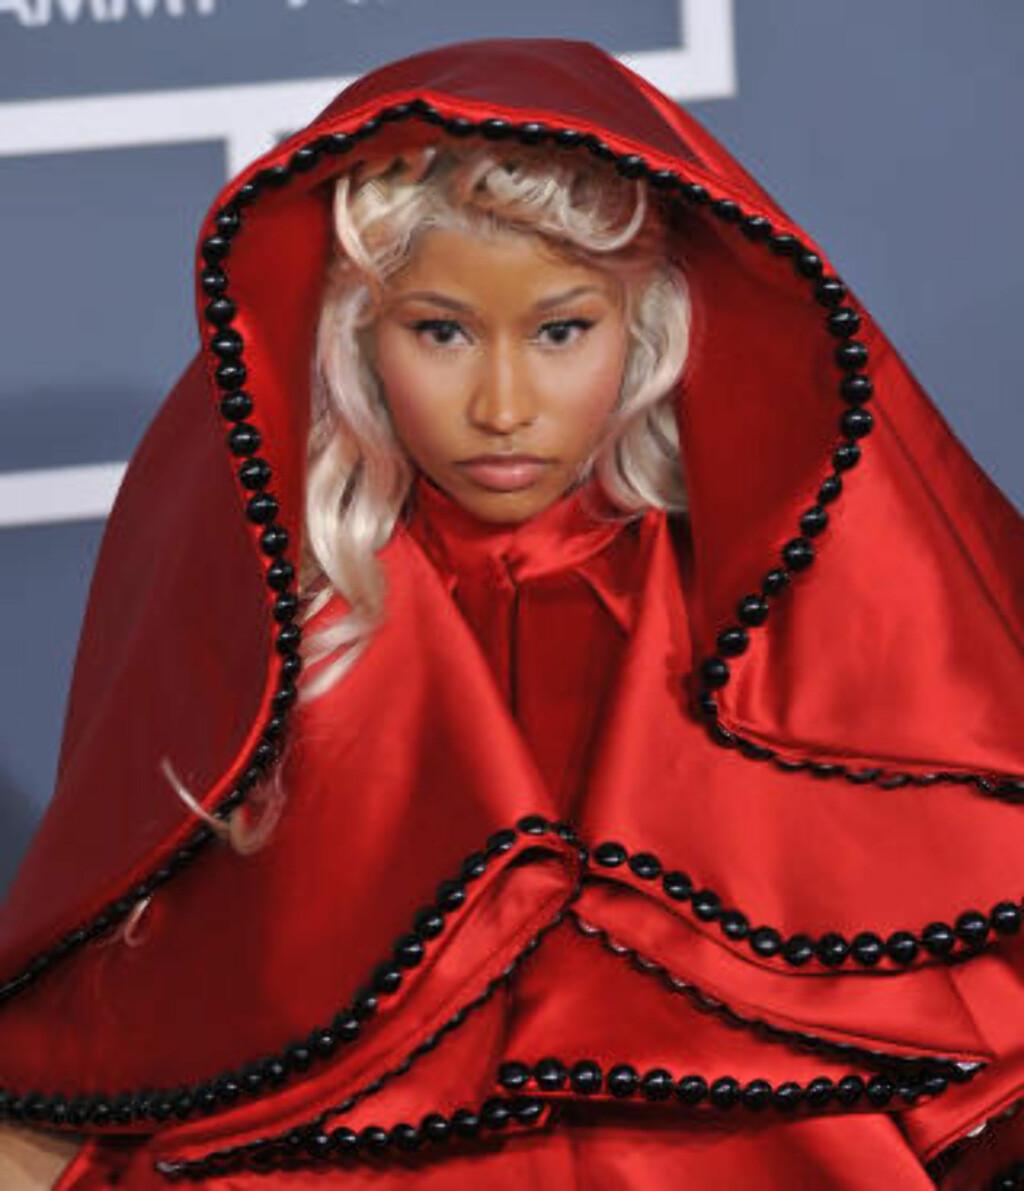 RØDHETTE: Da utkledningsglade Minaj ankom årets Grammy-utdeling iført dette kostymet, og med en pavekledd kavaler ved hennes side, skapte hun Twitter-storm. Foto: Stella Pictures